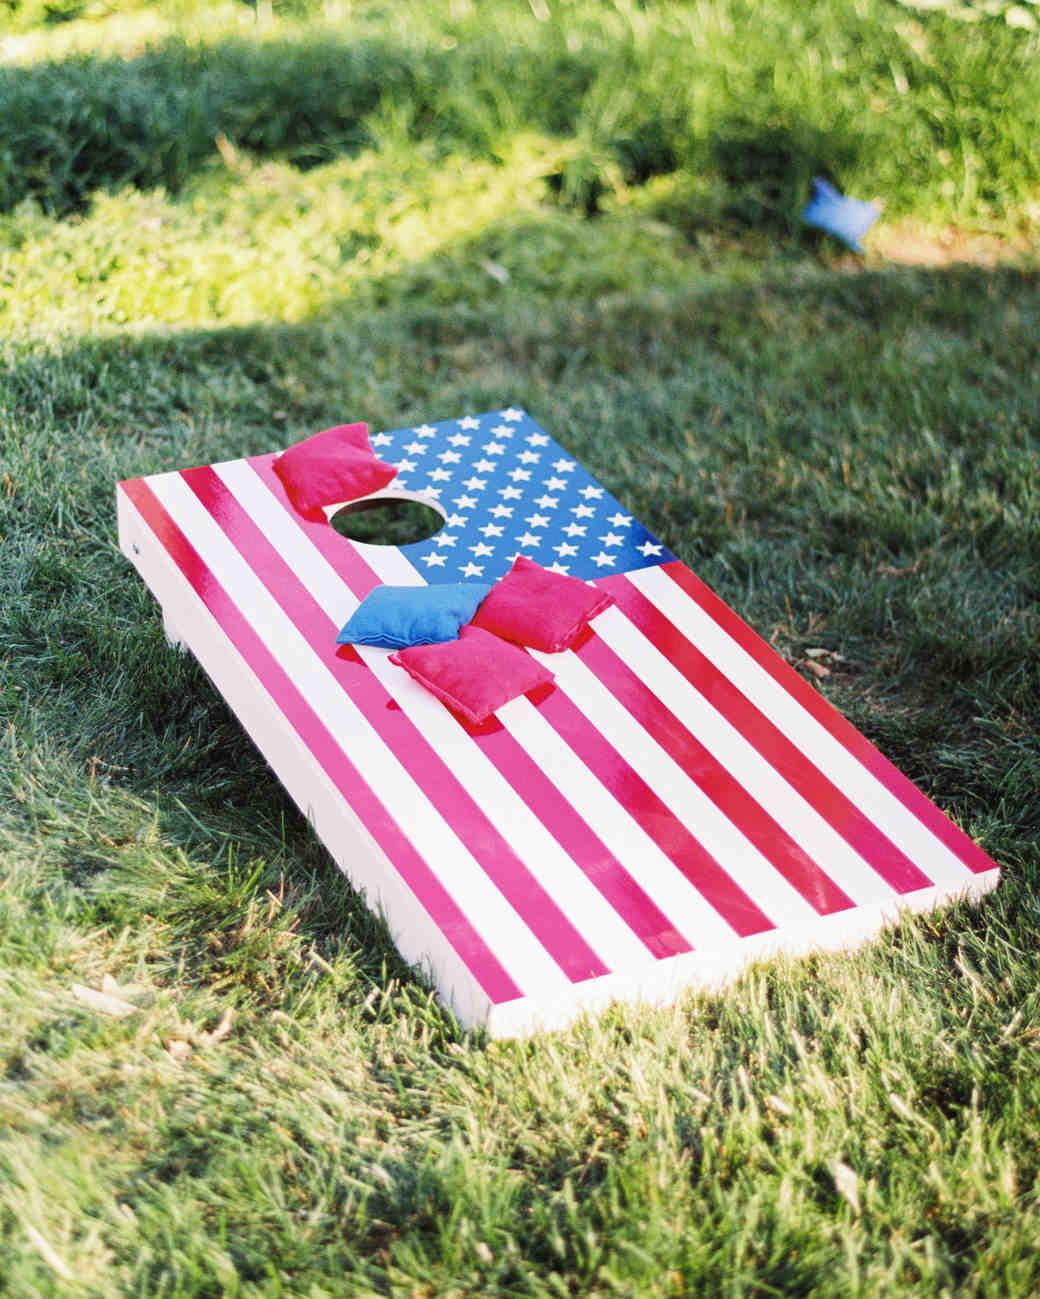 29 Festive Fourth of July Wedding Ideas | Martha Stewart Weddings